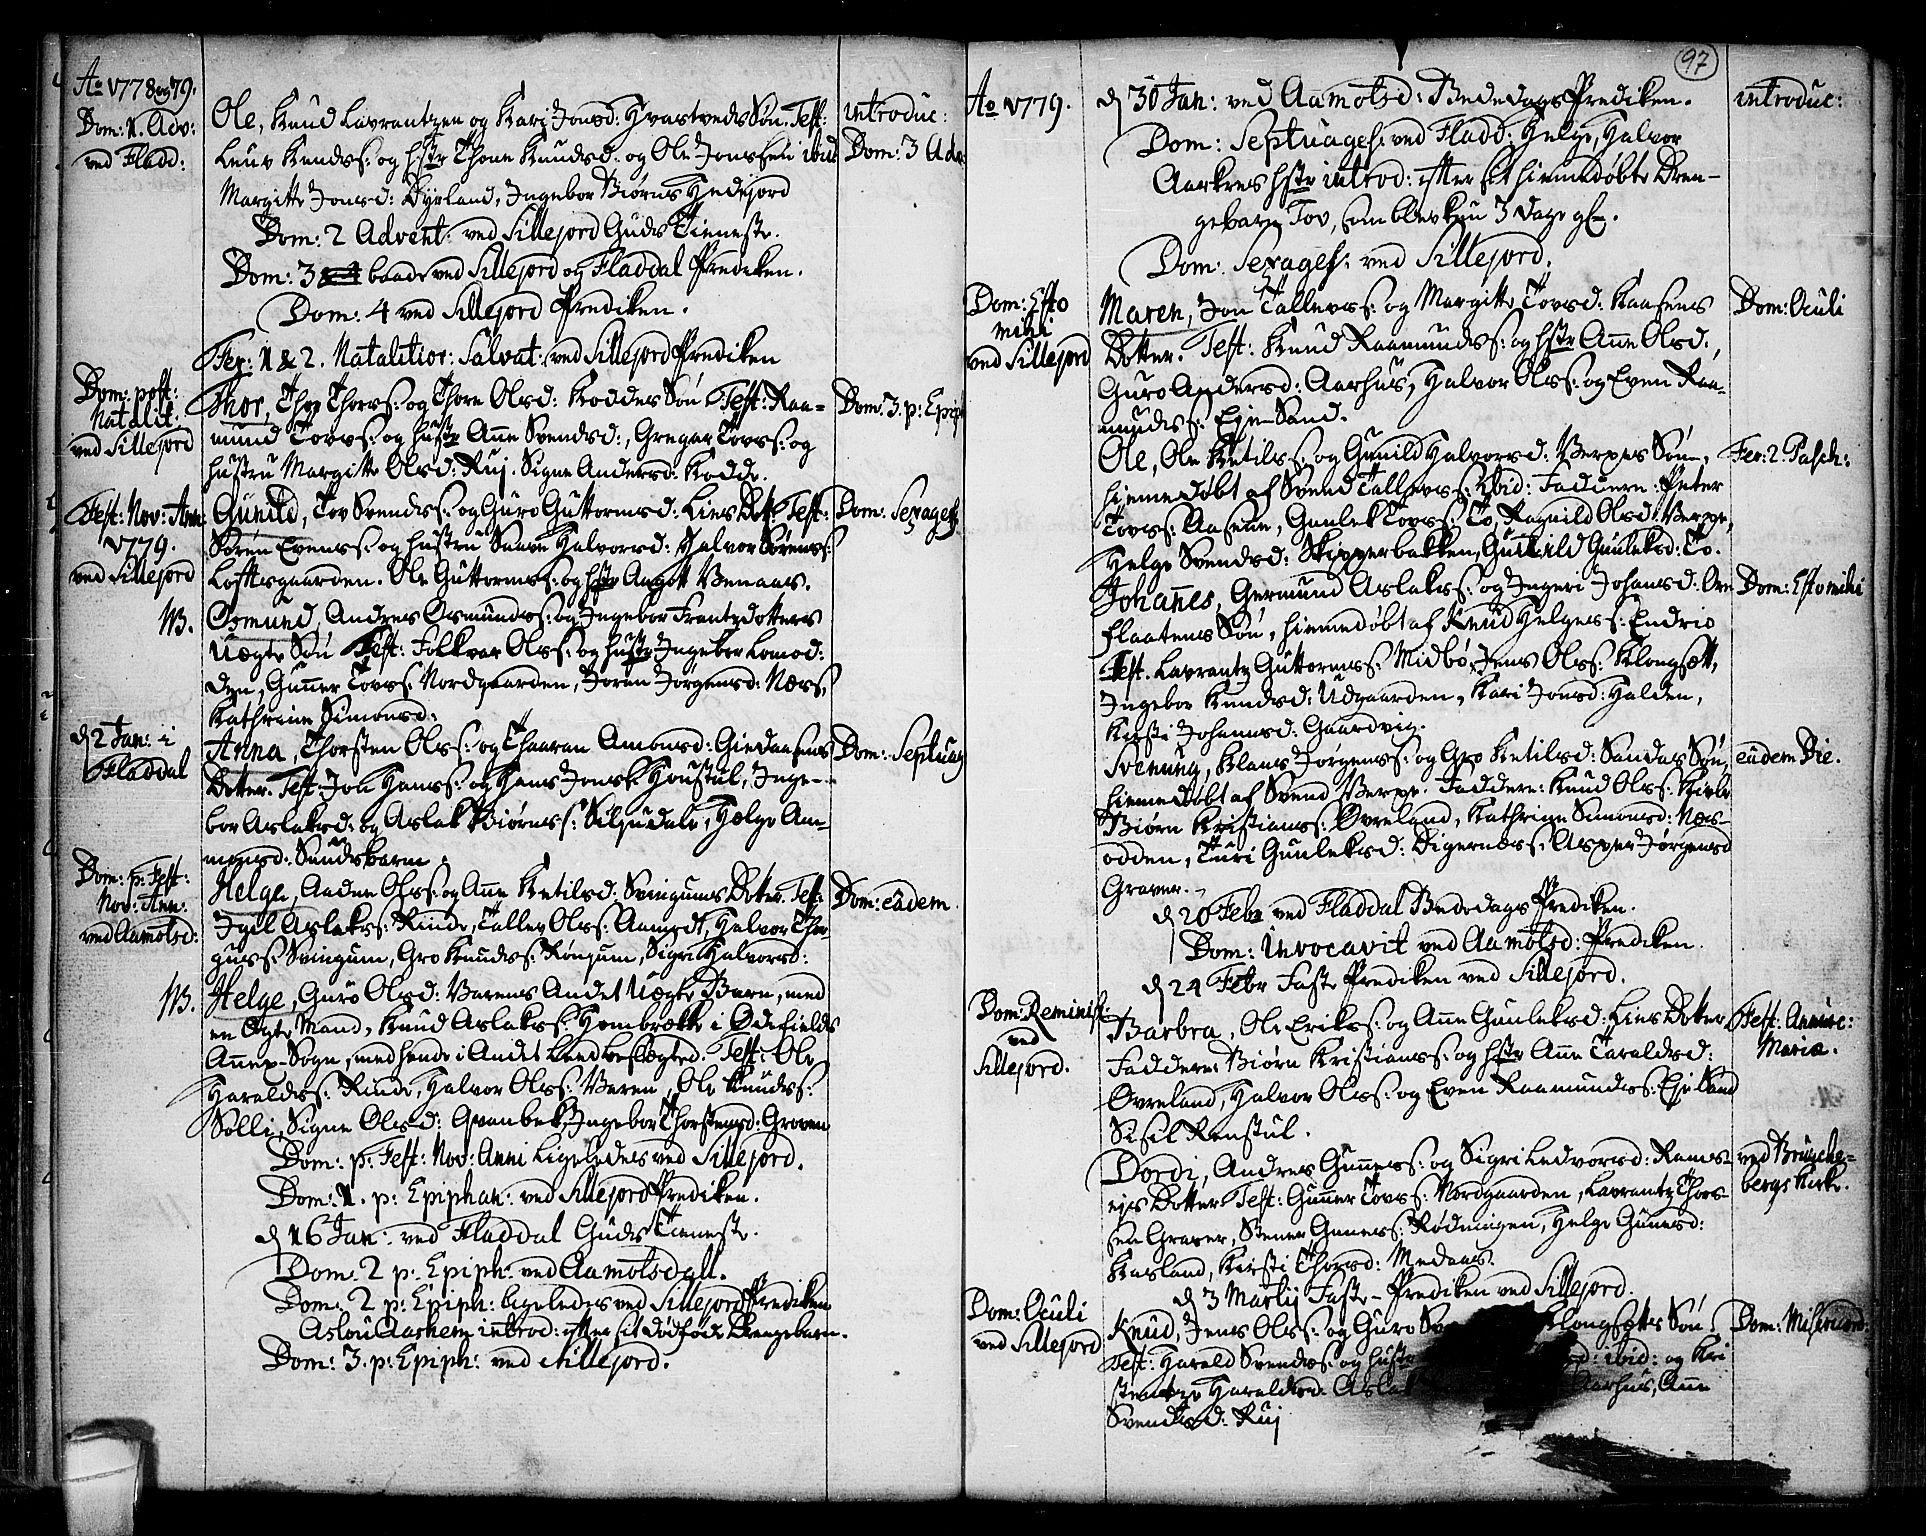 SAKO, Seljord kirkebøker, F/Fa/L0007: Ministerialbok nr. I 7, 1755-1800, s. 97